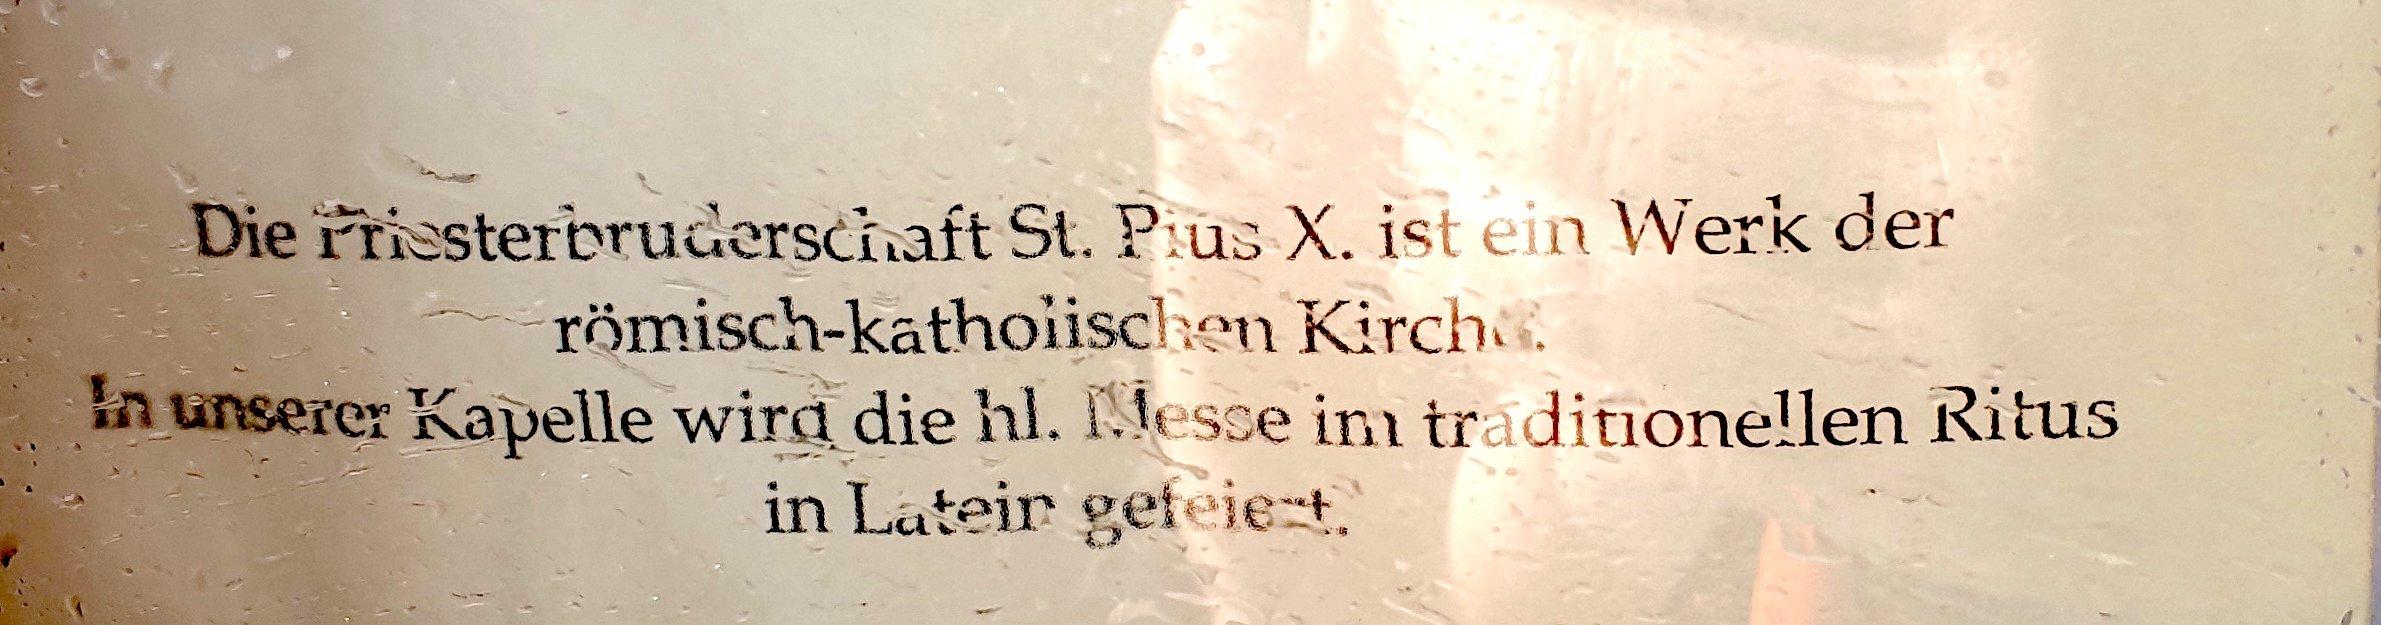 «Werk der römisch-katholischen Kirche» Infotafel in Menzingen.